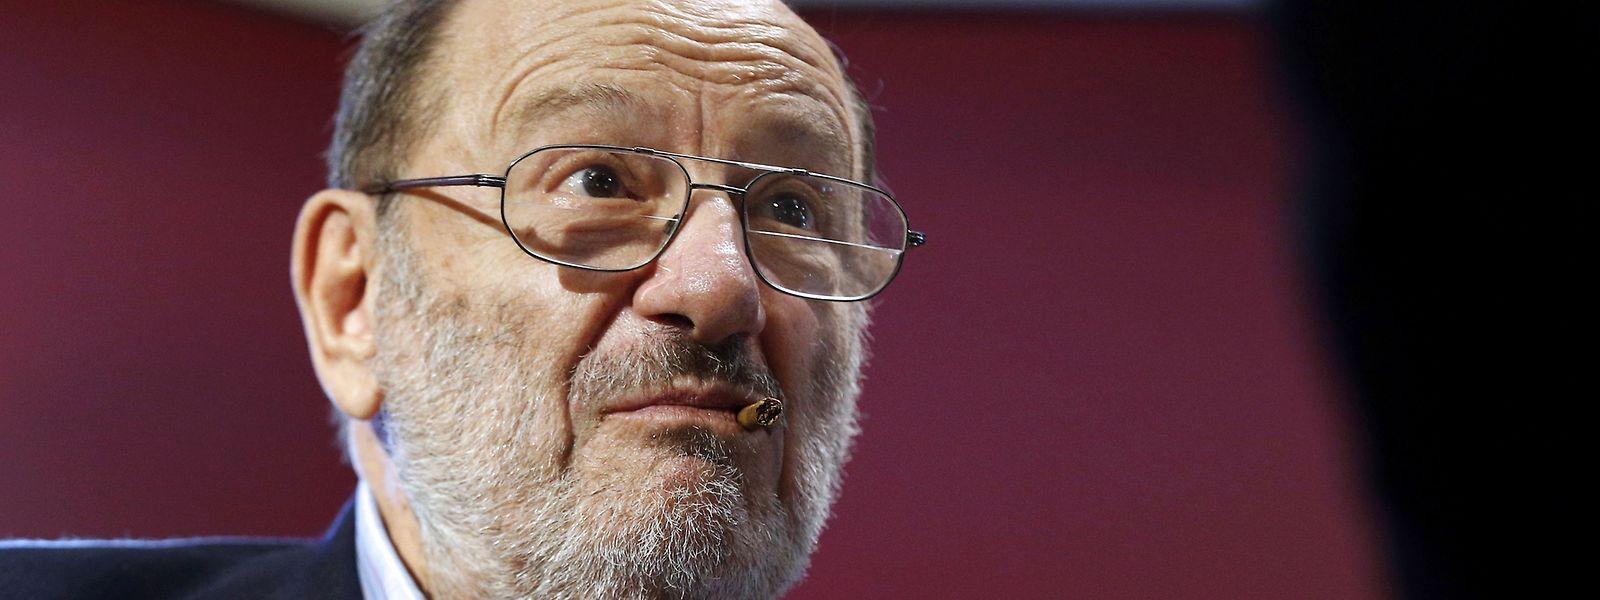 Umberto Eco war am Freitag vor einer Woche im Alter von 84 Jahren in Mailand gestorben.